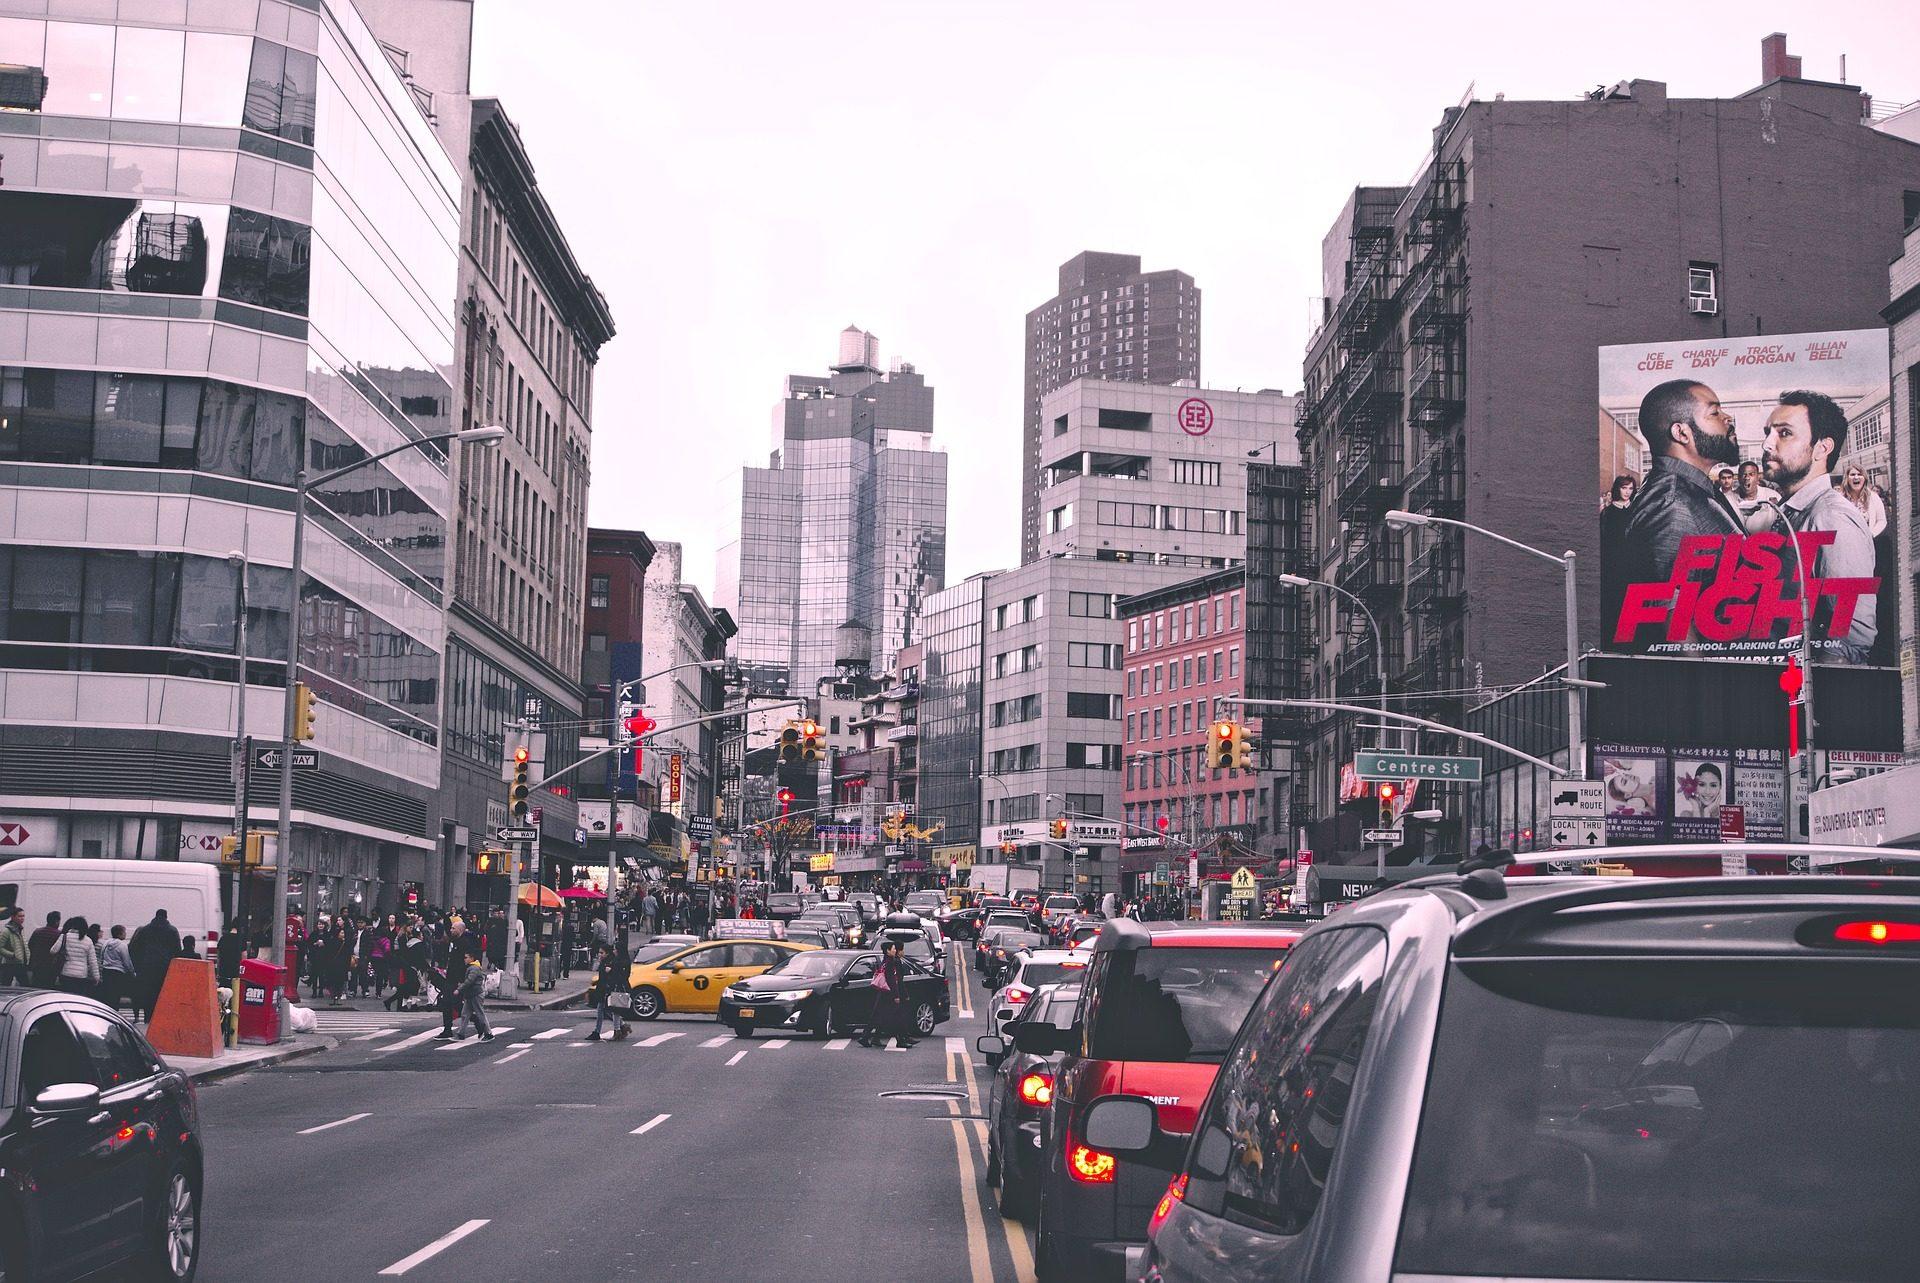 Città, edifici, traffico, persone, agglomerazione, Hustle - Sfondi HD - Professor-falken.com